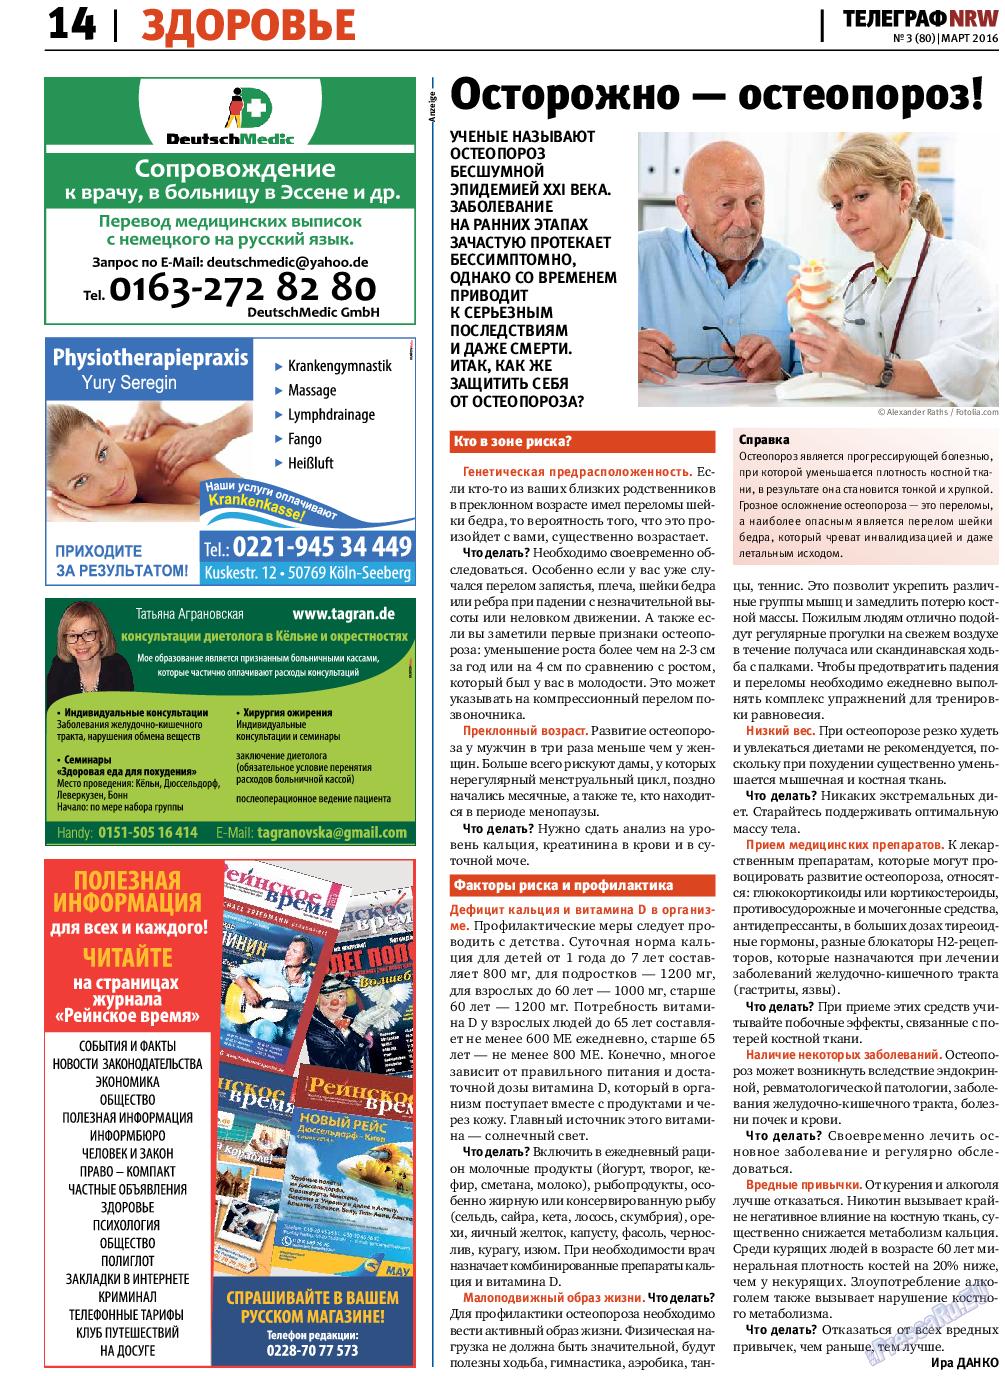 Телеграф NRW (газета). 2016 год, номер 3, стр. 14